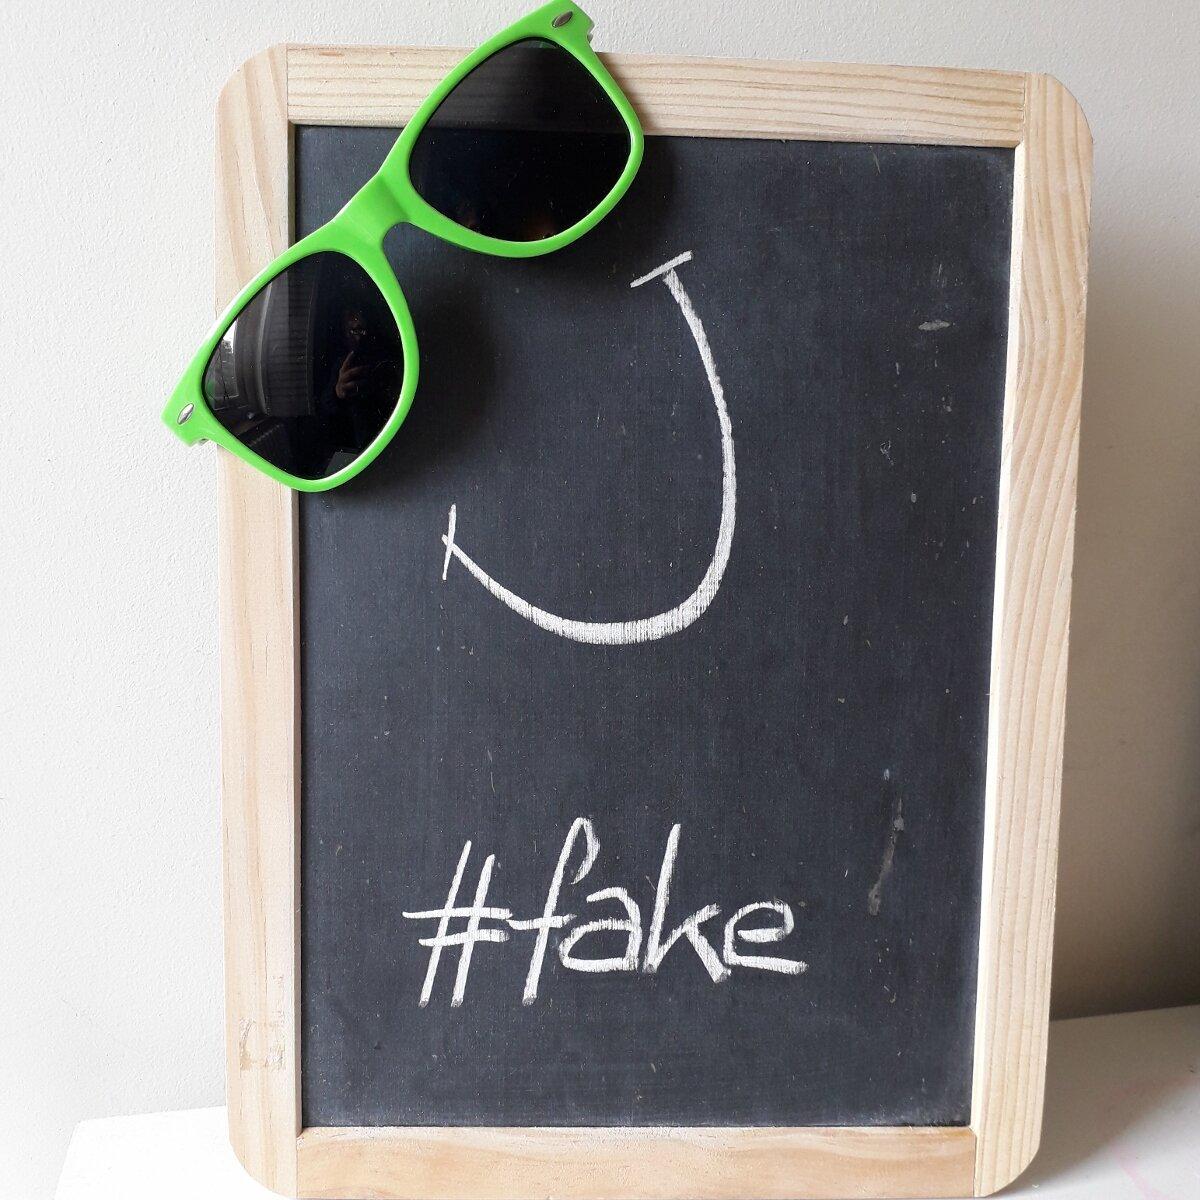 """Foto bij blog """"Waarom fake it till you make it slecht advies is"""" van ZinVol - nuchtere ondernemerscoaching. Geen goeroegedoe. Fotograaf: Margot Reesink."""